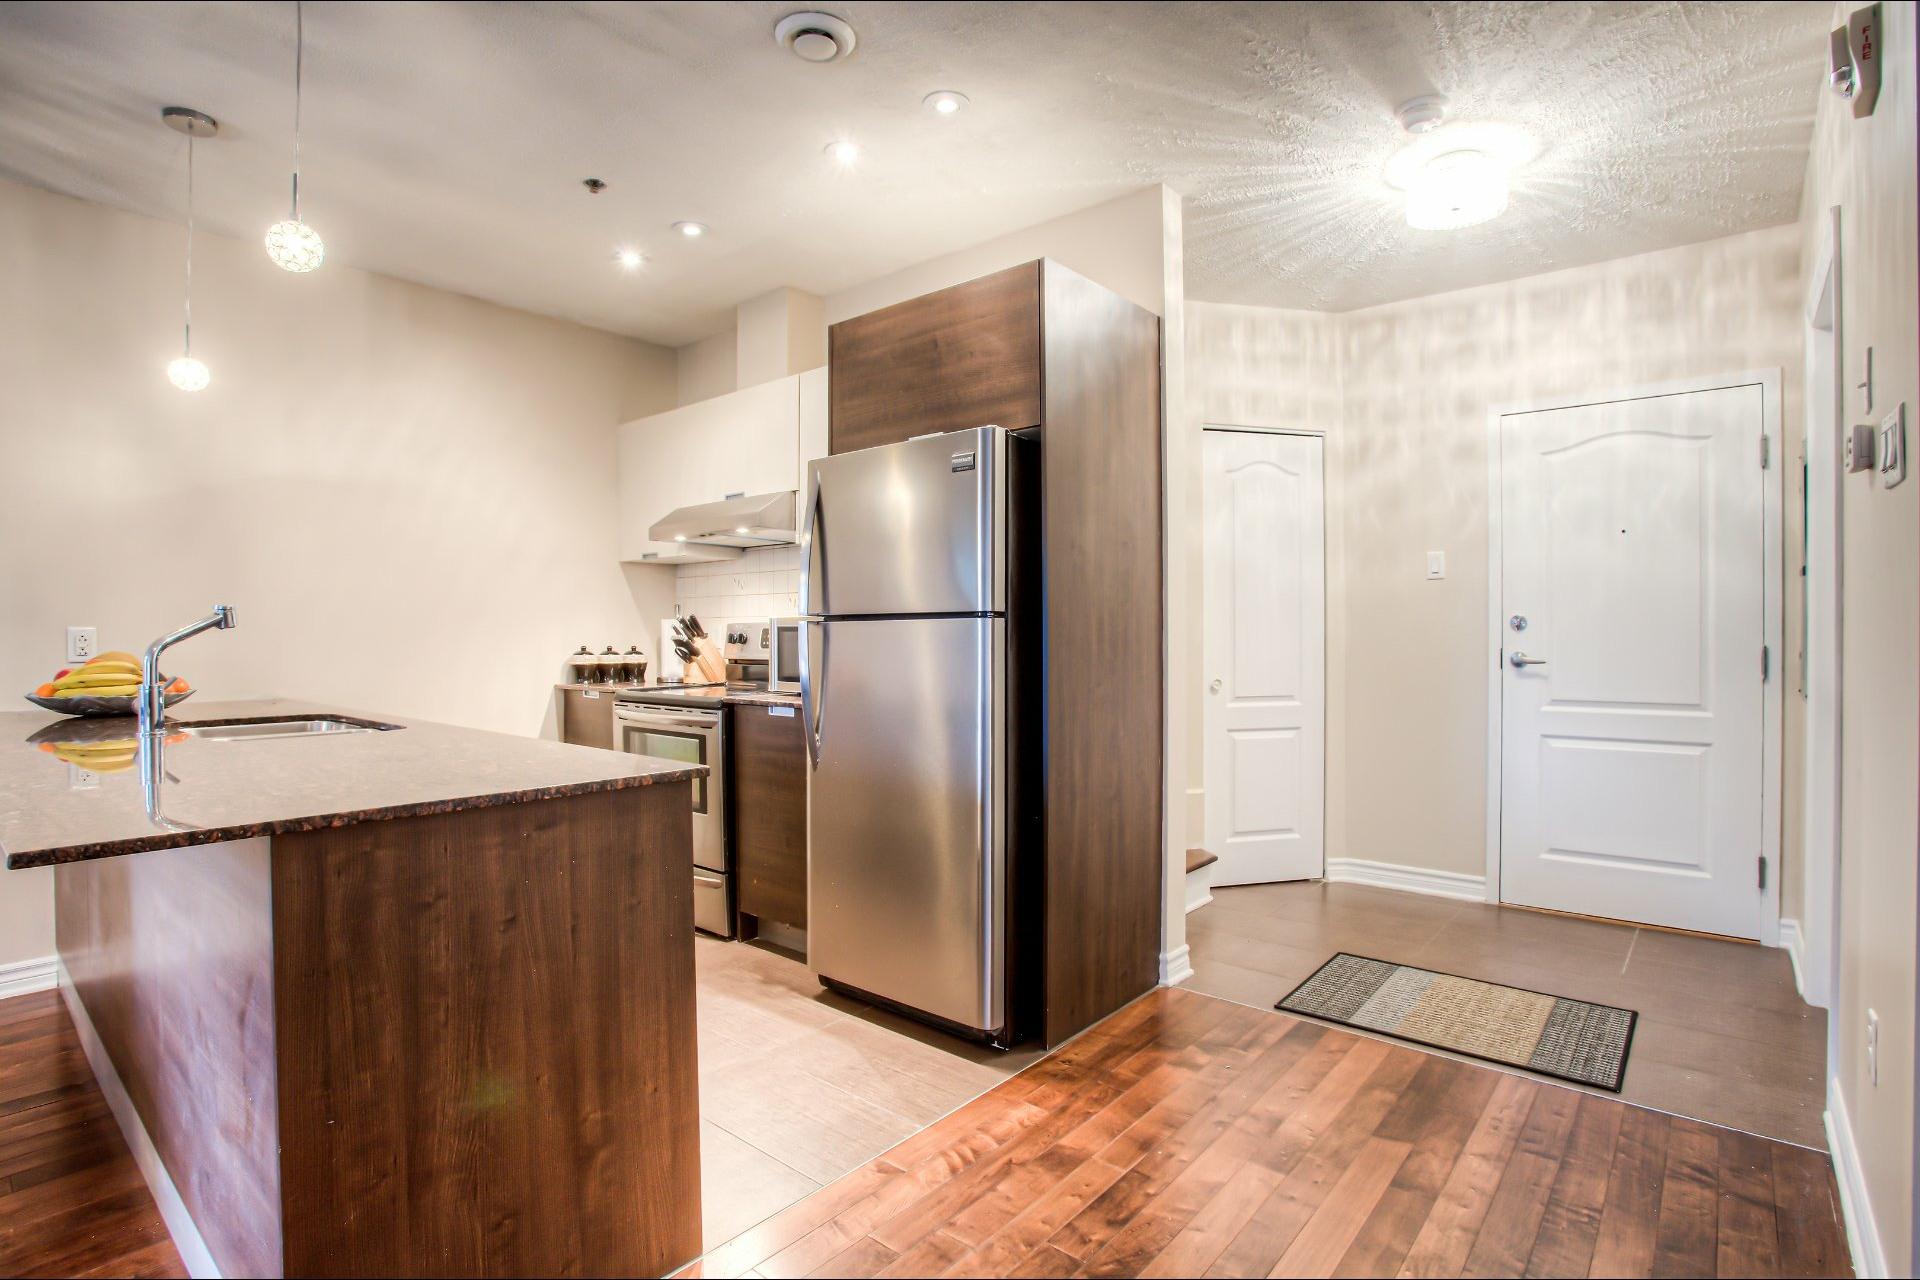 image 3 - Apartment For sale Saint-Laurent Montréal  - 9 rooms